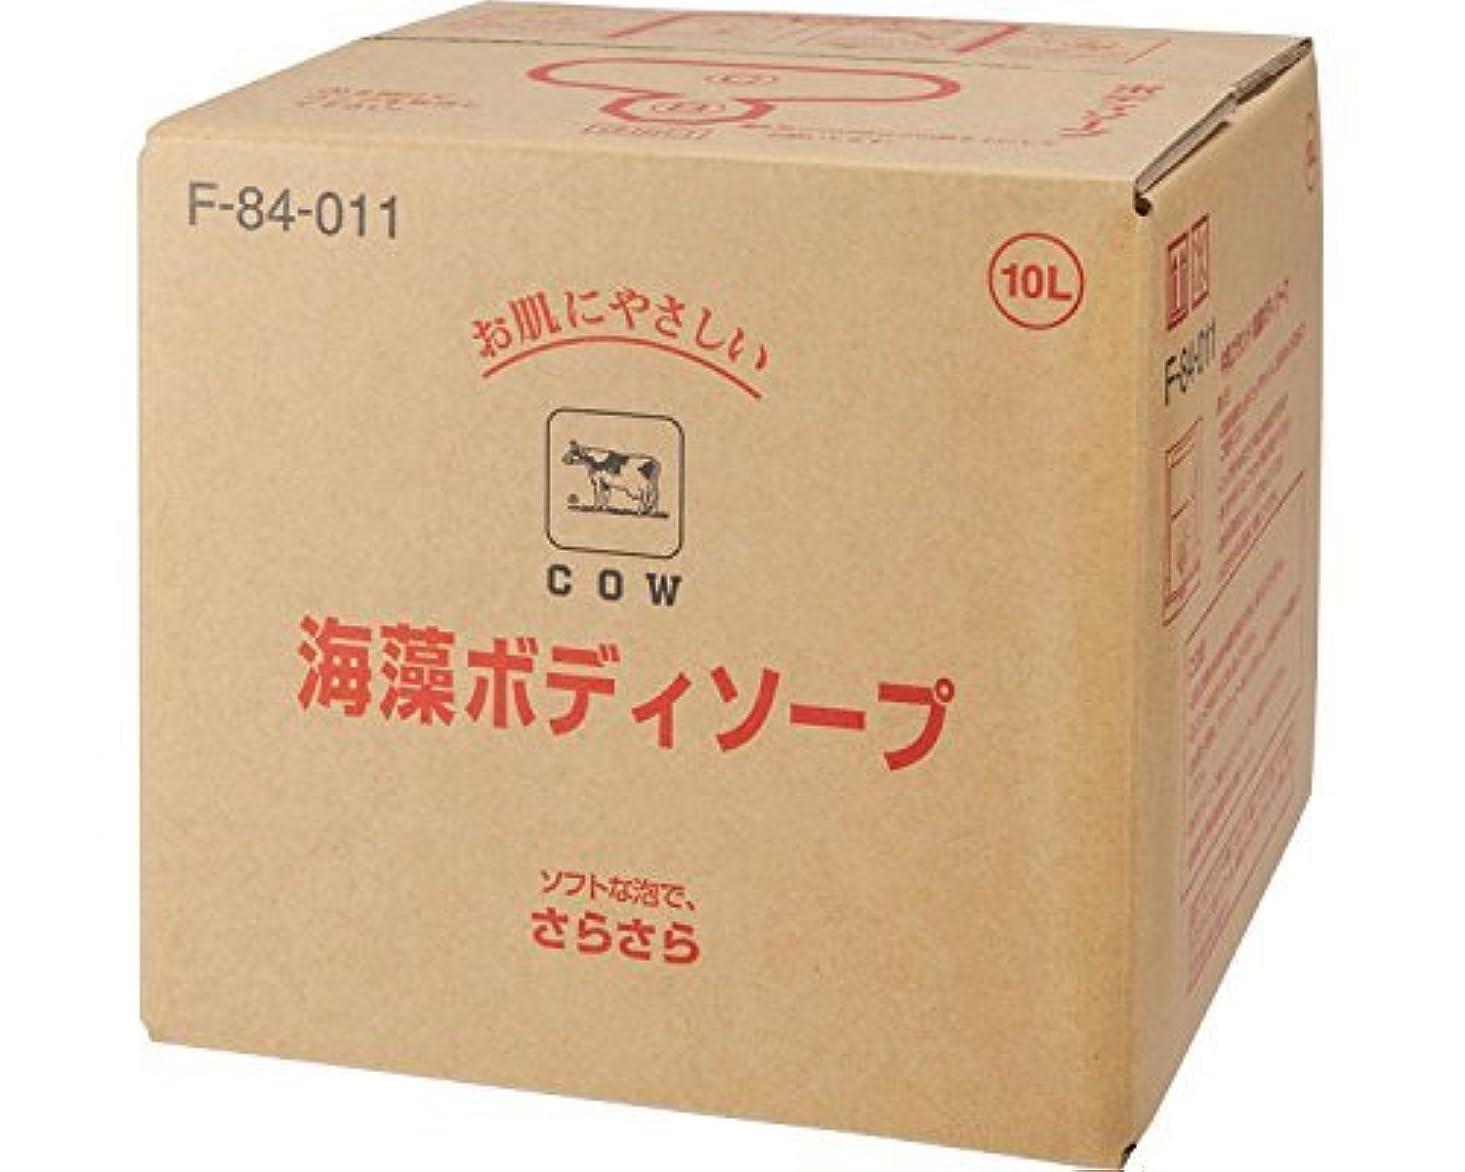 代わりにを立てる簡潔なトイレ牛乳ブランド 海藻ボディソープ /  10L F-84-011 【牛乳石鹸】 【清拭小物】